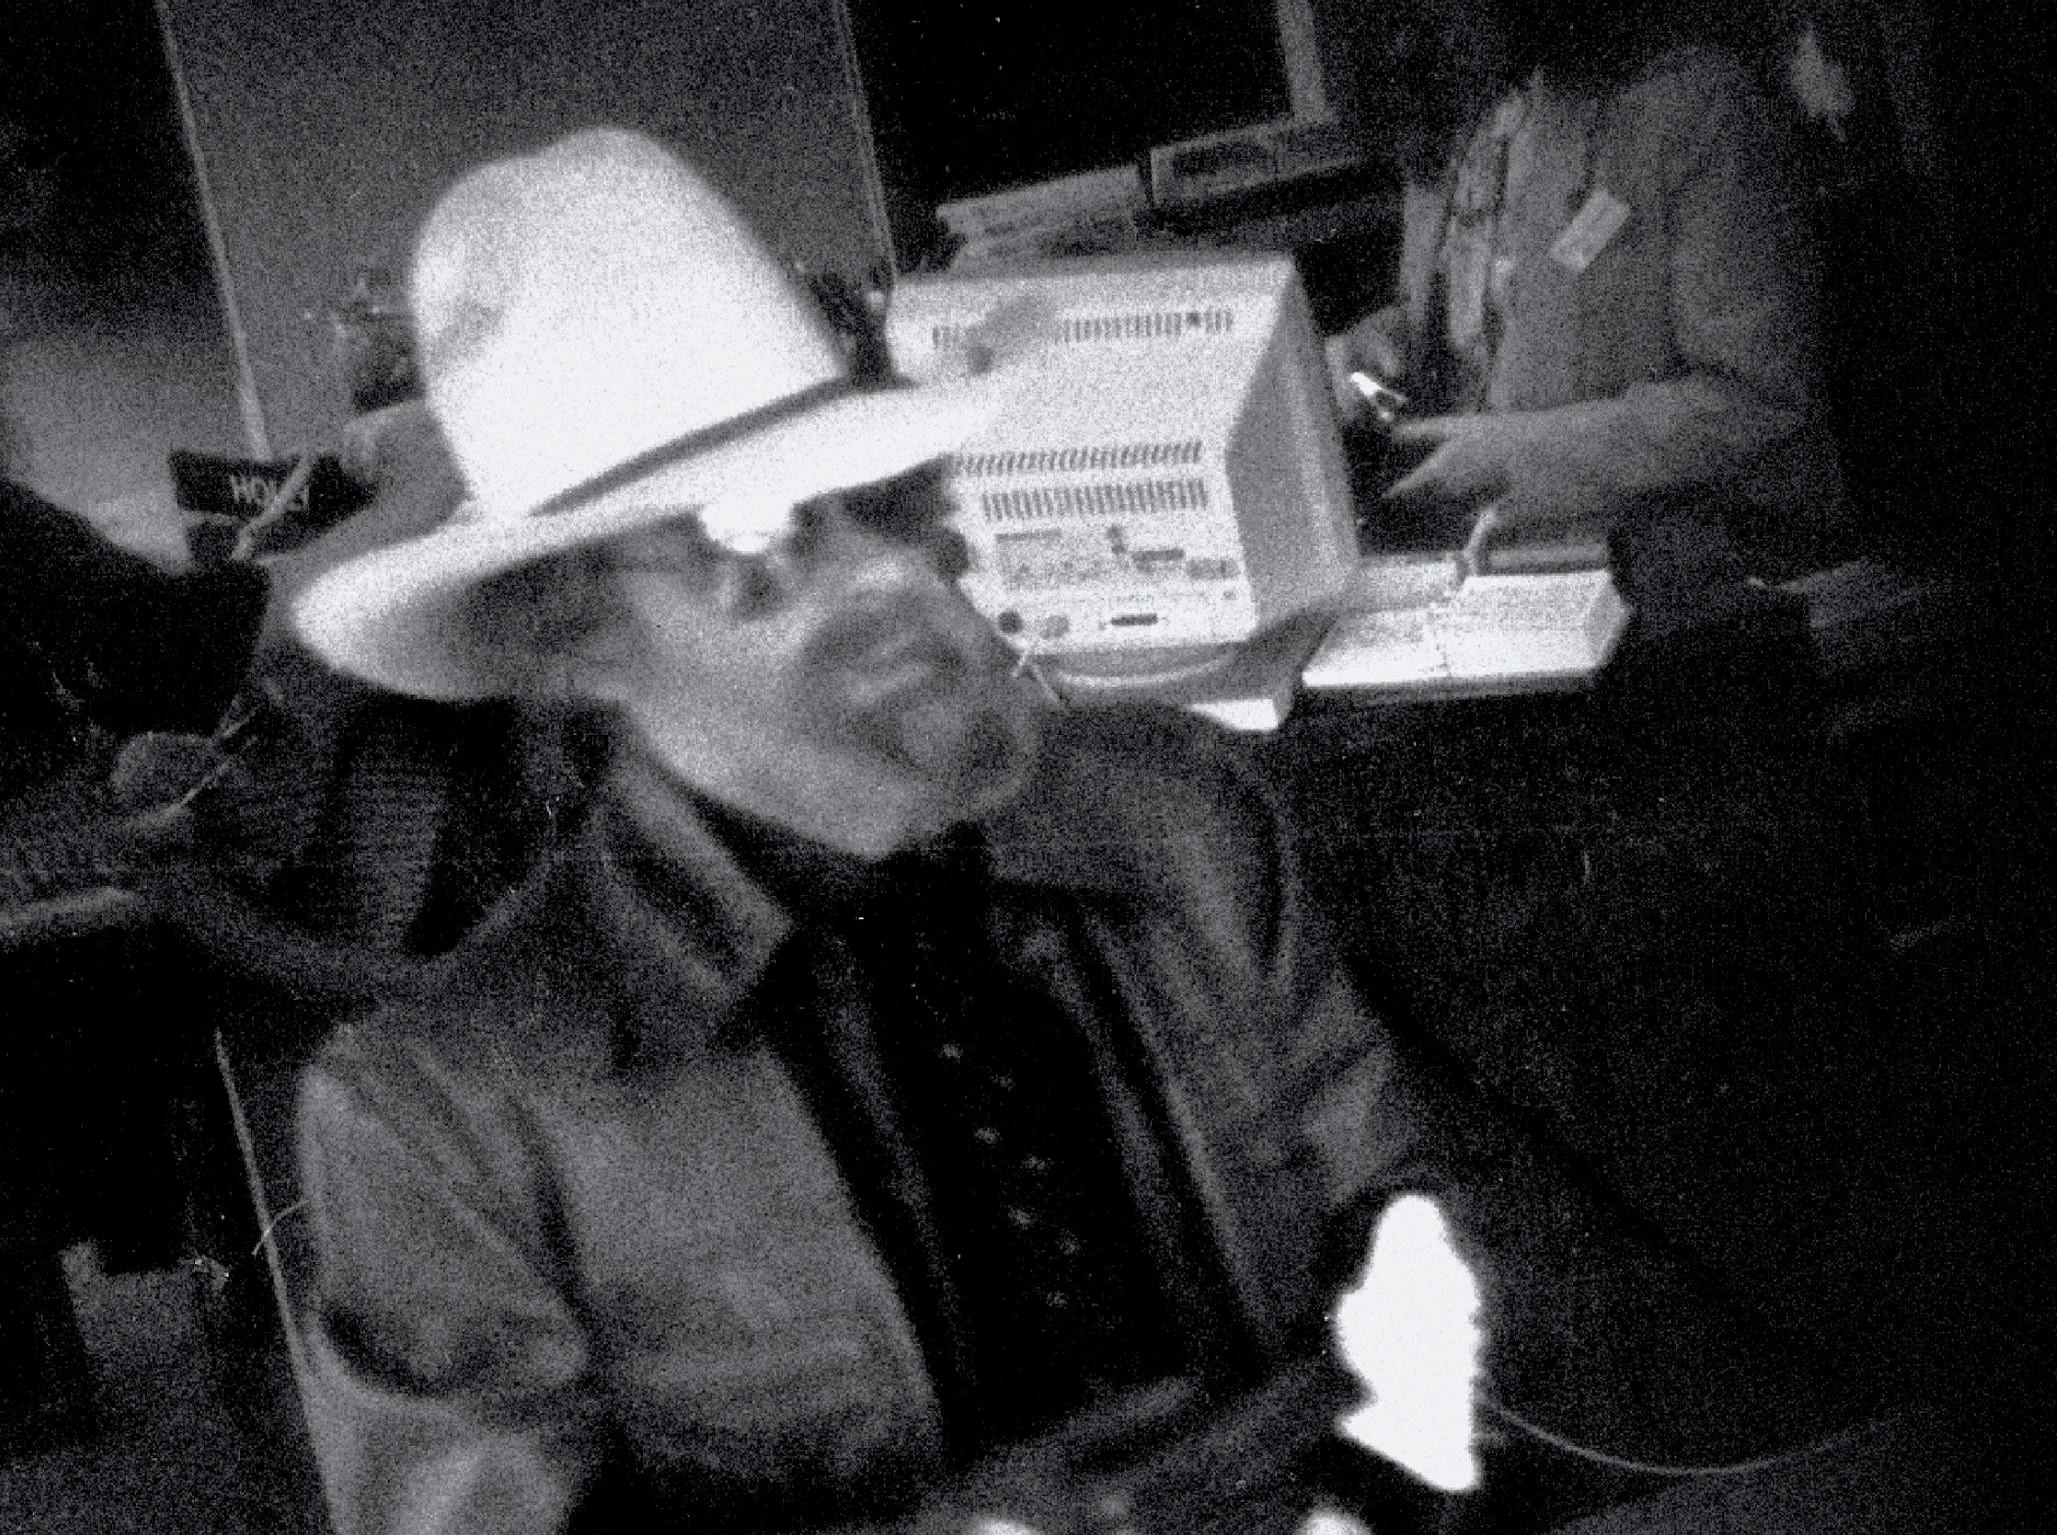 The Last Ride of Cowboy Bob